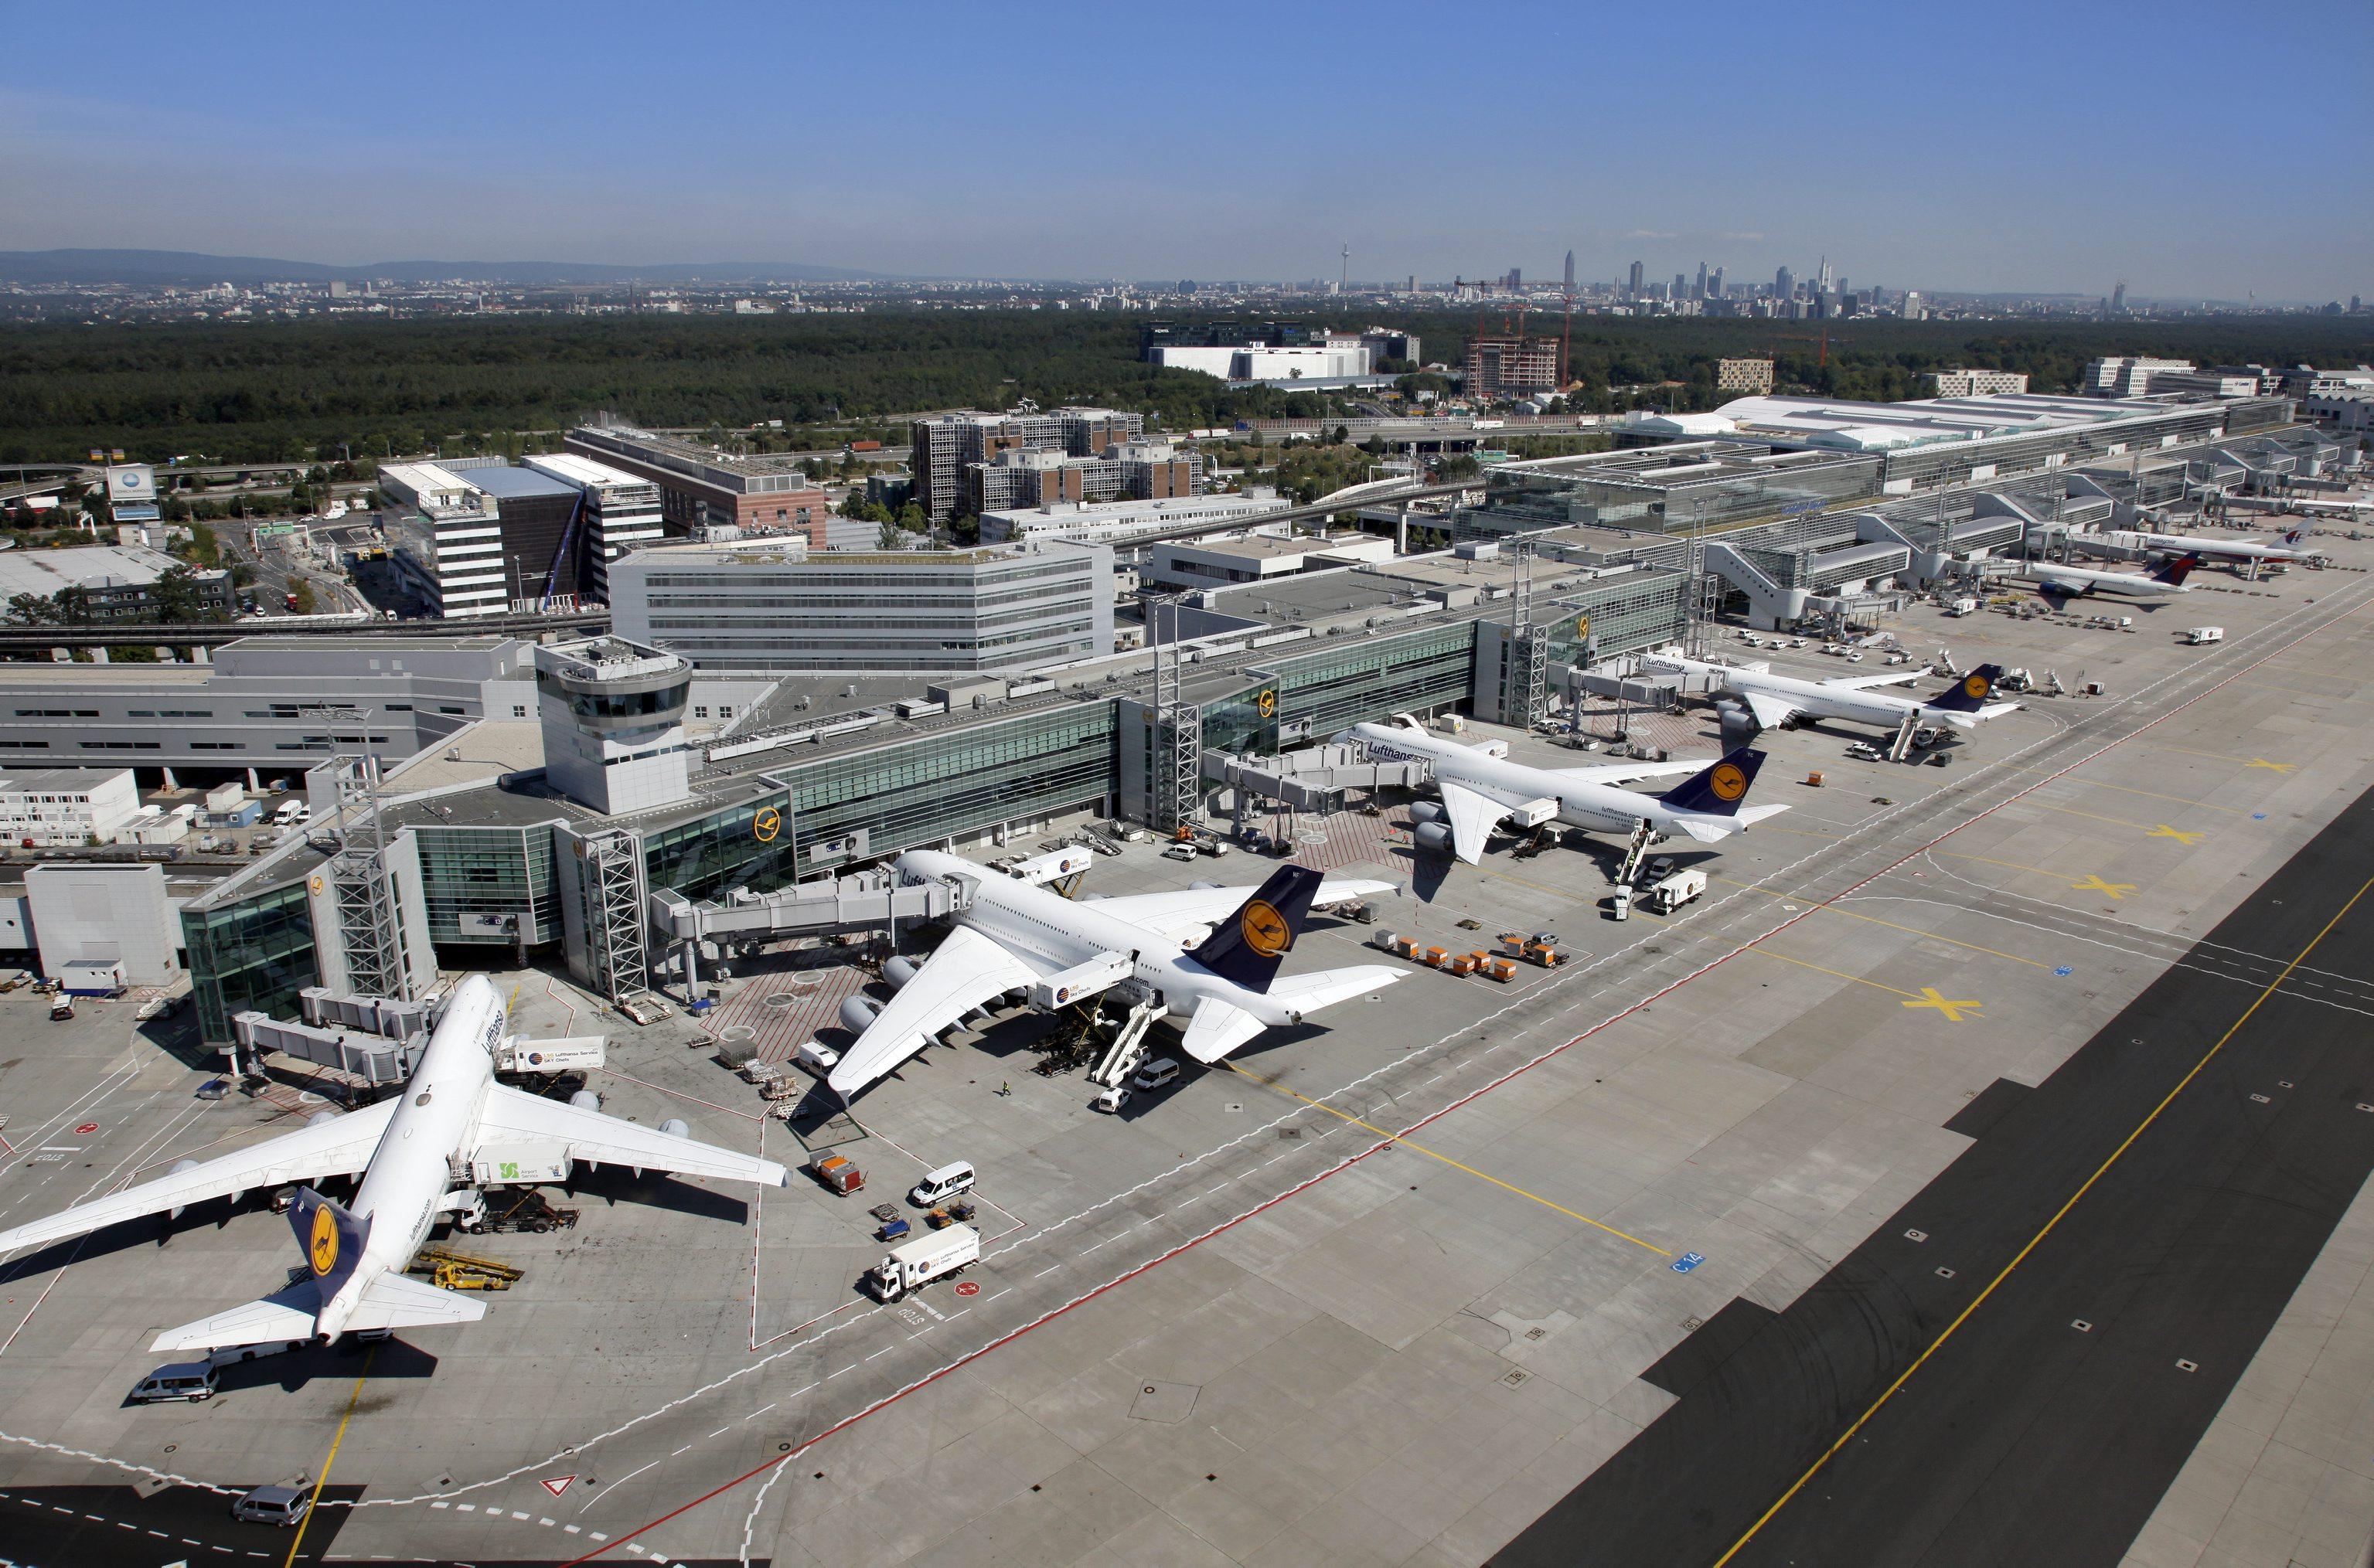 CD Riegel mit A 380 Lufthansa Maschinen und Vorfeldkontrolle